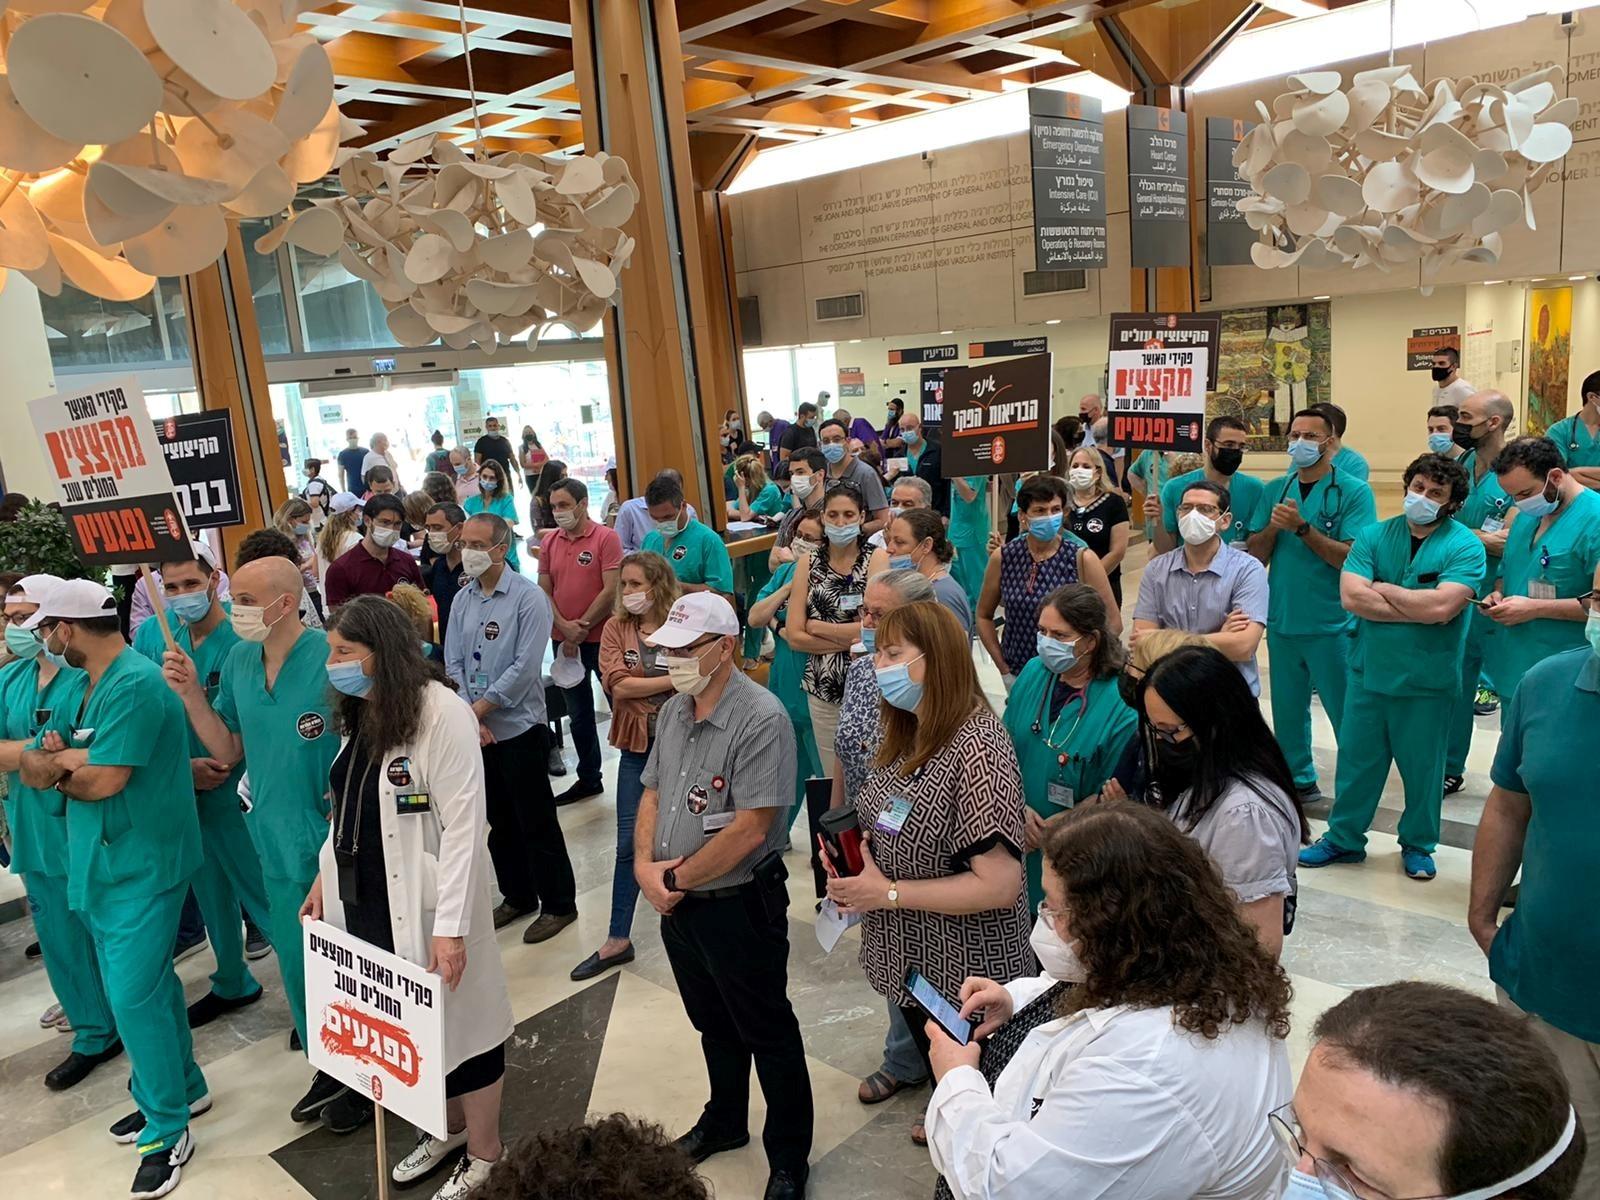 משבר התקנים בבתי חולים: נציגי הרופאים והאוצר ייפגשו בעקבות השביתה